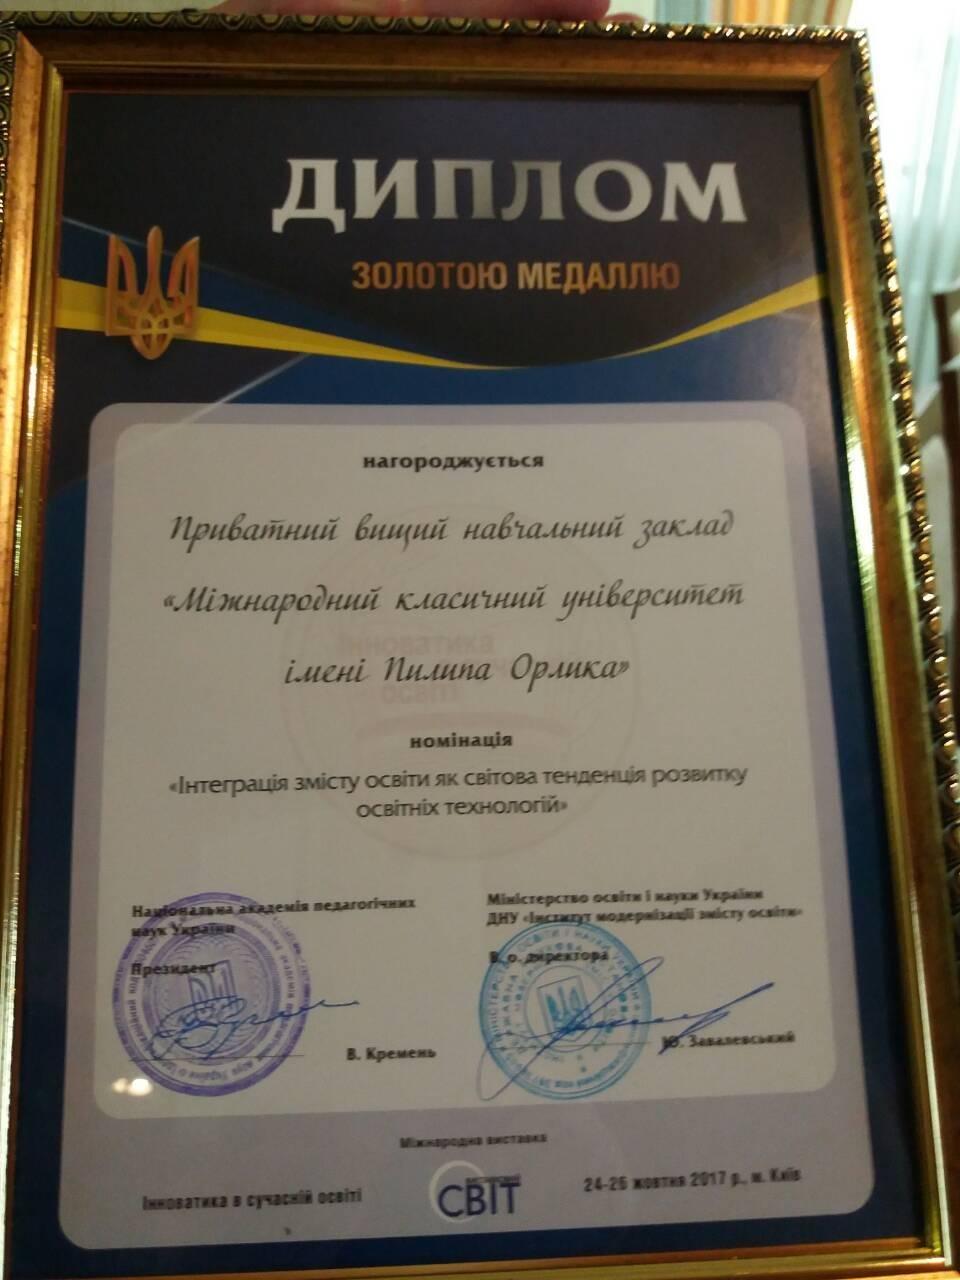 Университет имени Пилипа Орлика награждён в Киеве золотой медалью победителя Международной выставки «Инноватика в современном образовании», фото-1